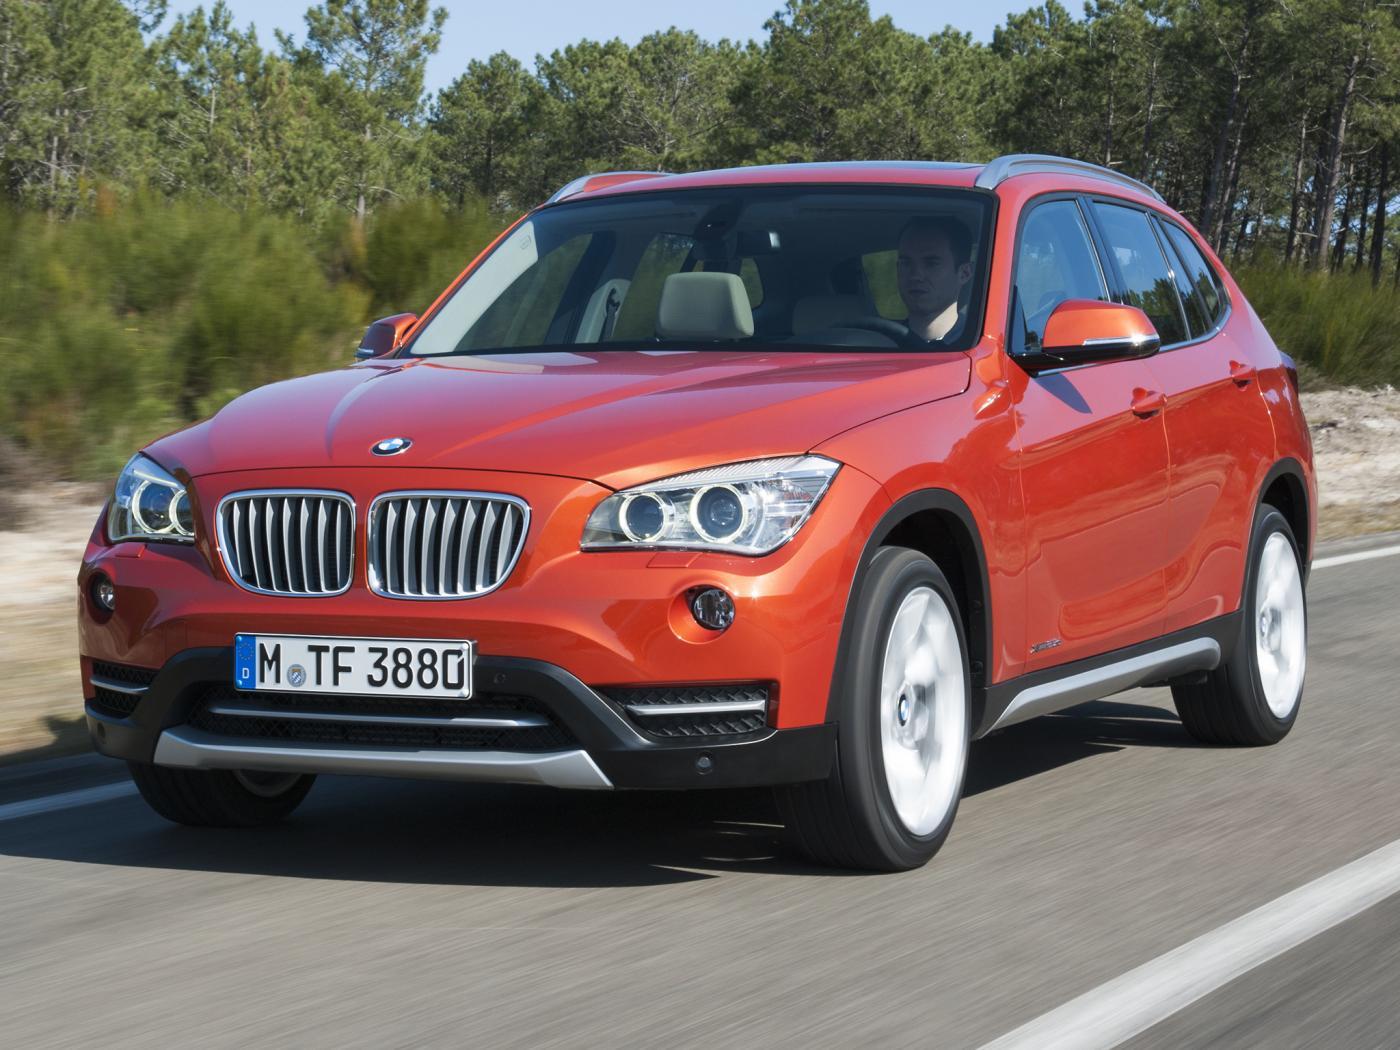 Vidange-moteur-BMW-X1-E84-1.jpeg